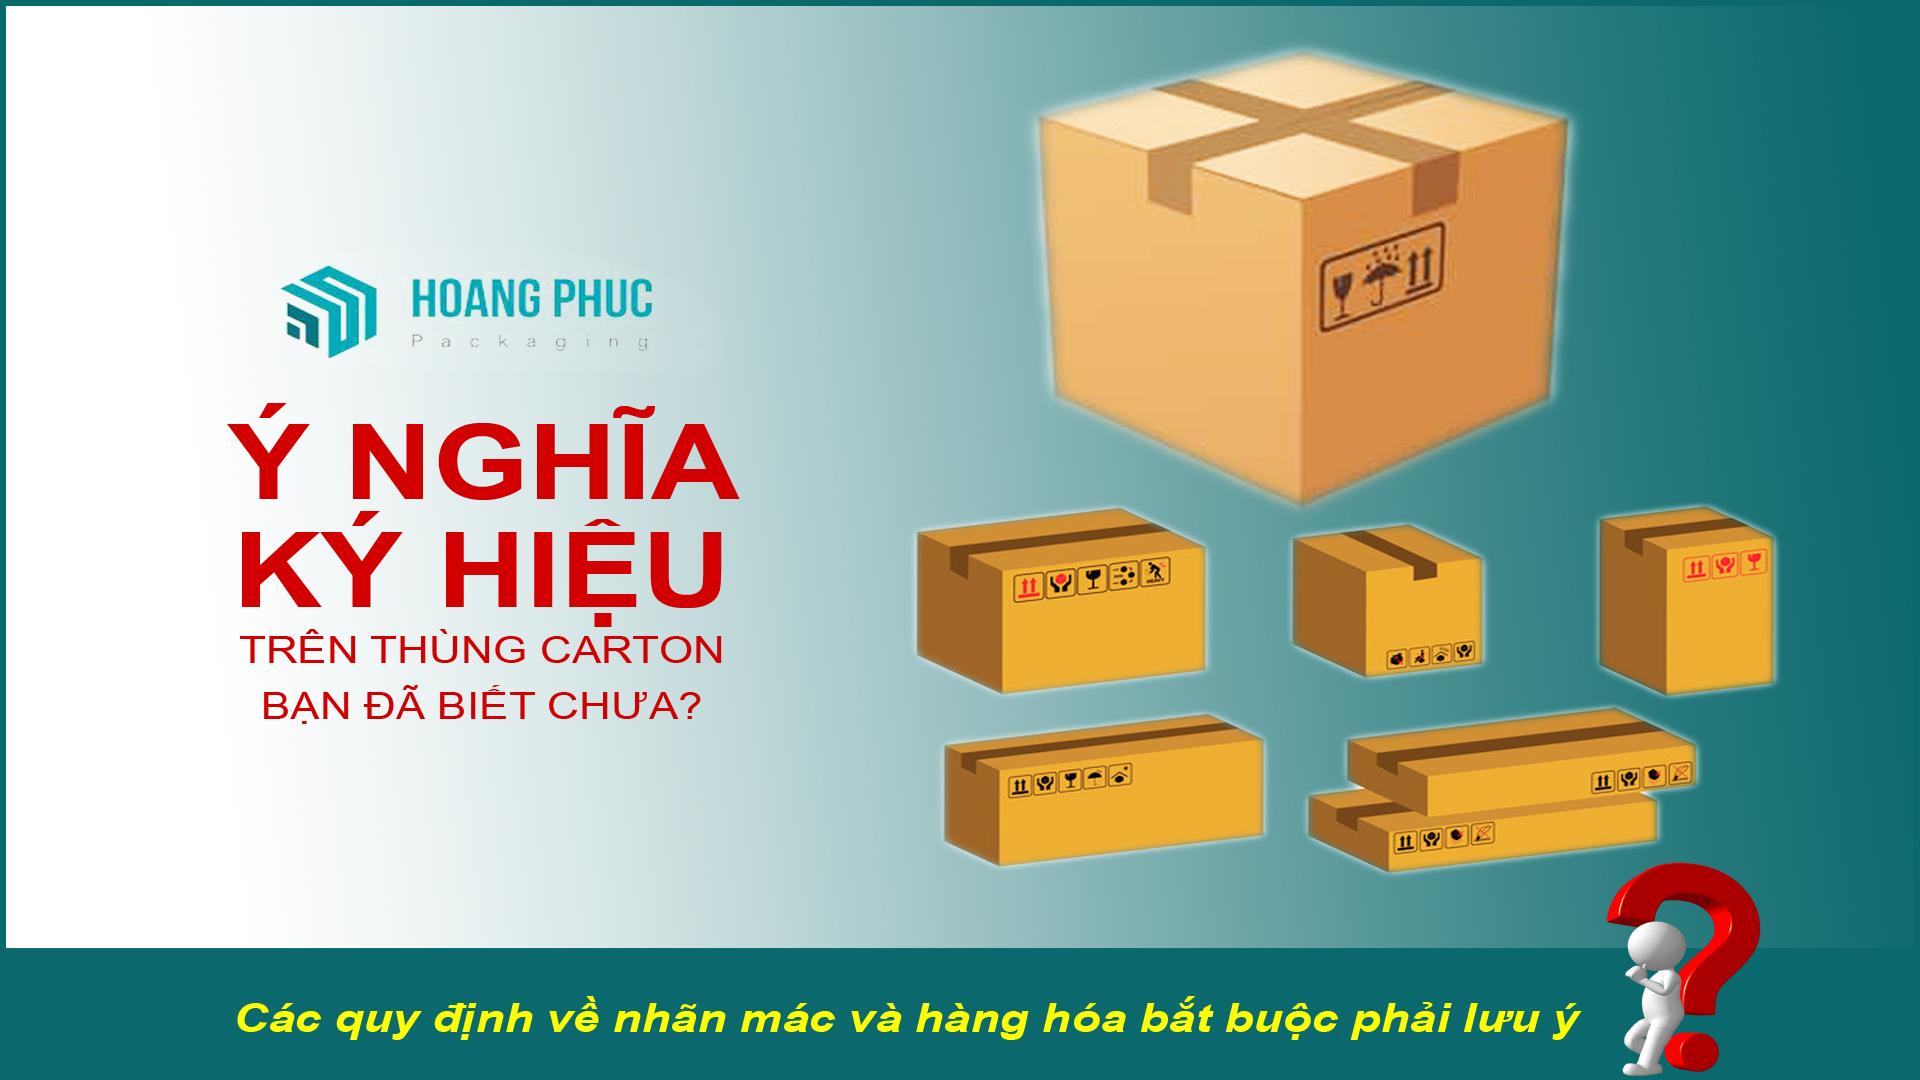 Các ký hiệu in trên thùng carton